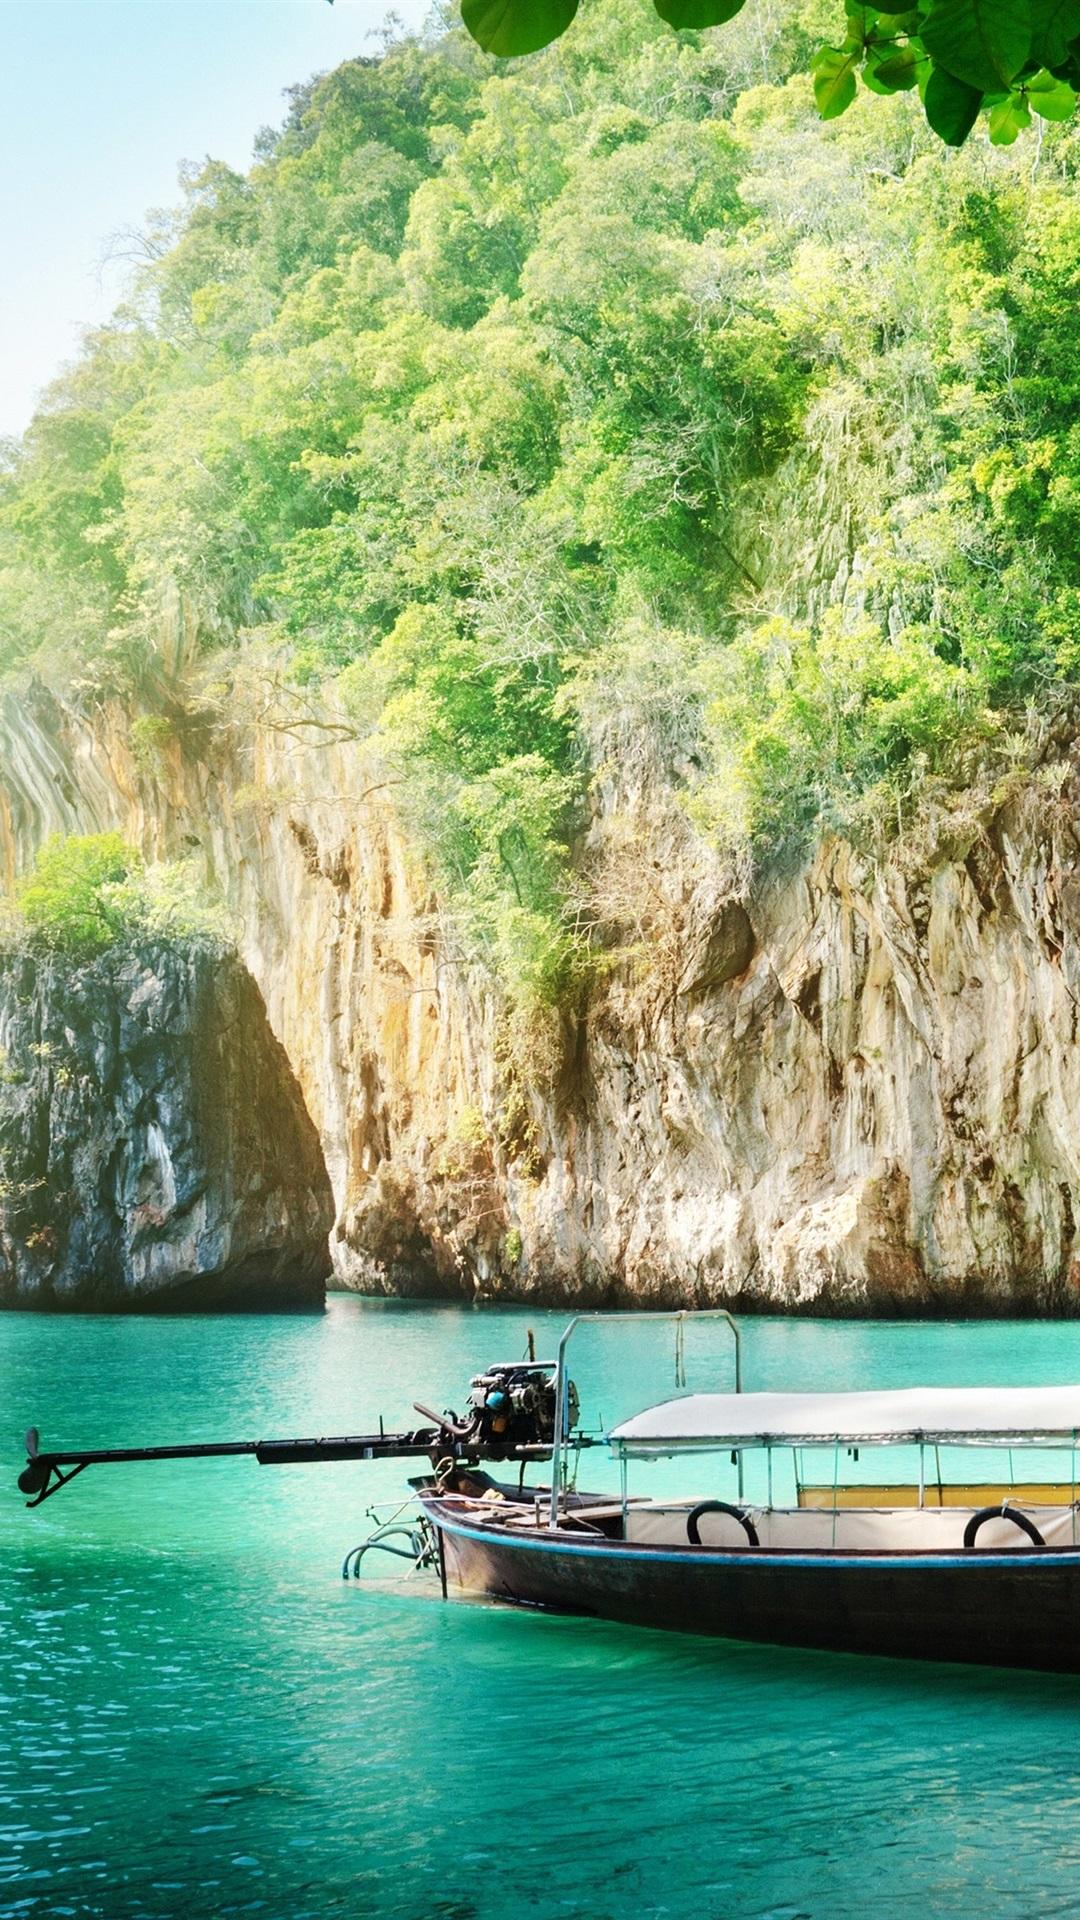 Fonds d'écran Thaïlande paysage, côte, mer, bateau ...